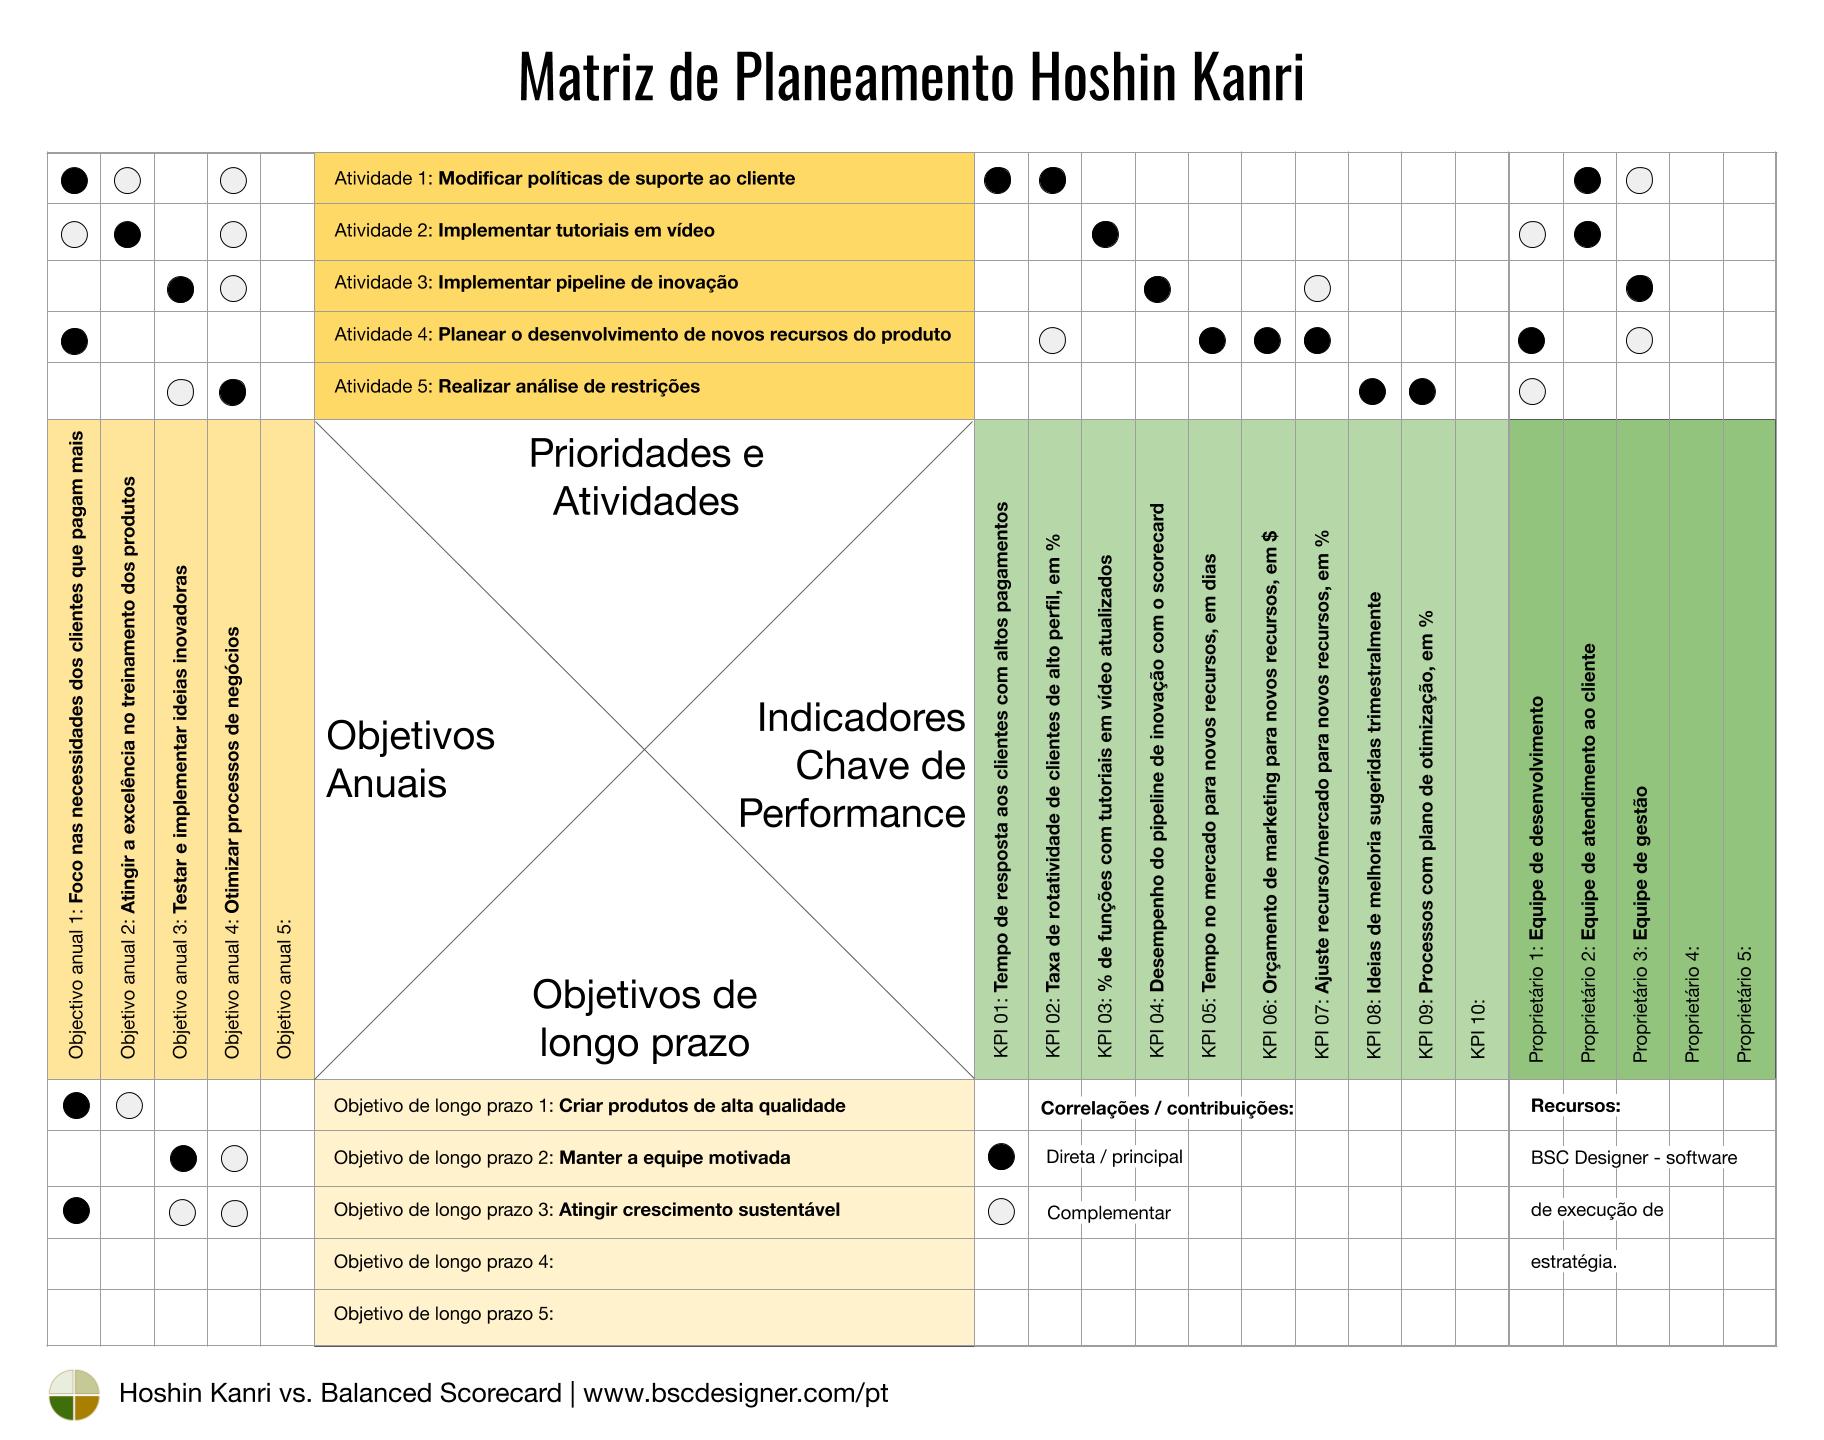 Matriz de Planejamento de Hoshin Kanri